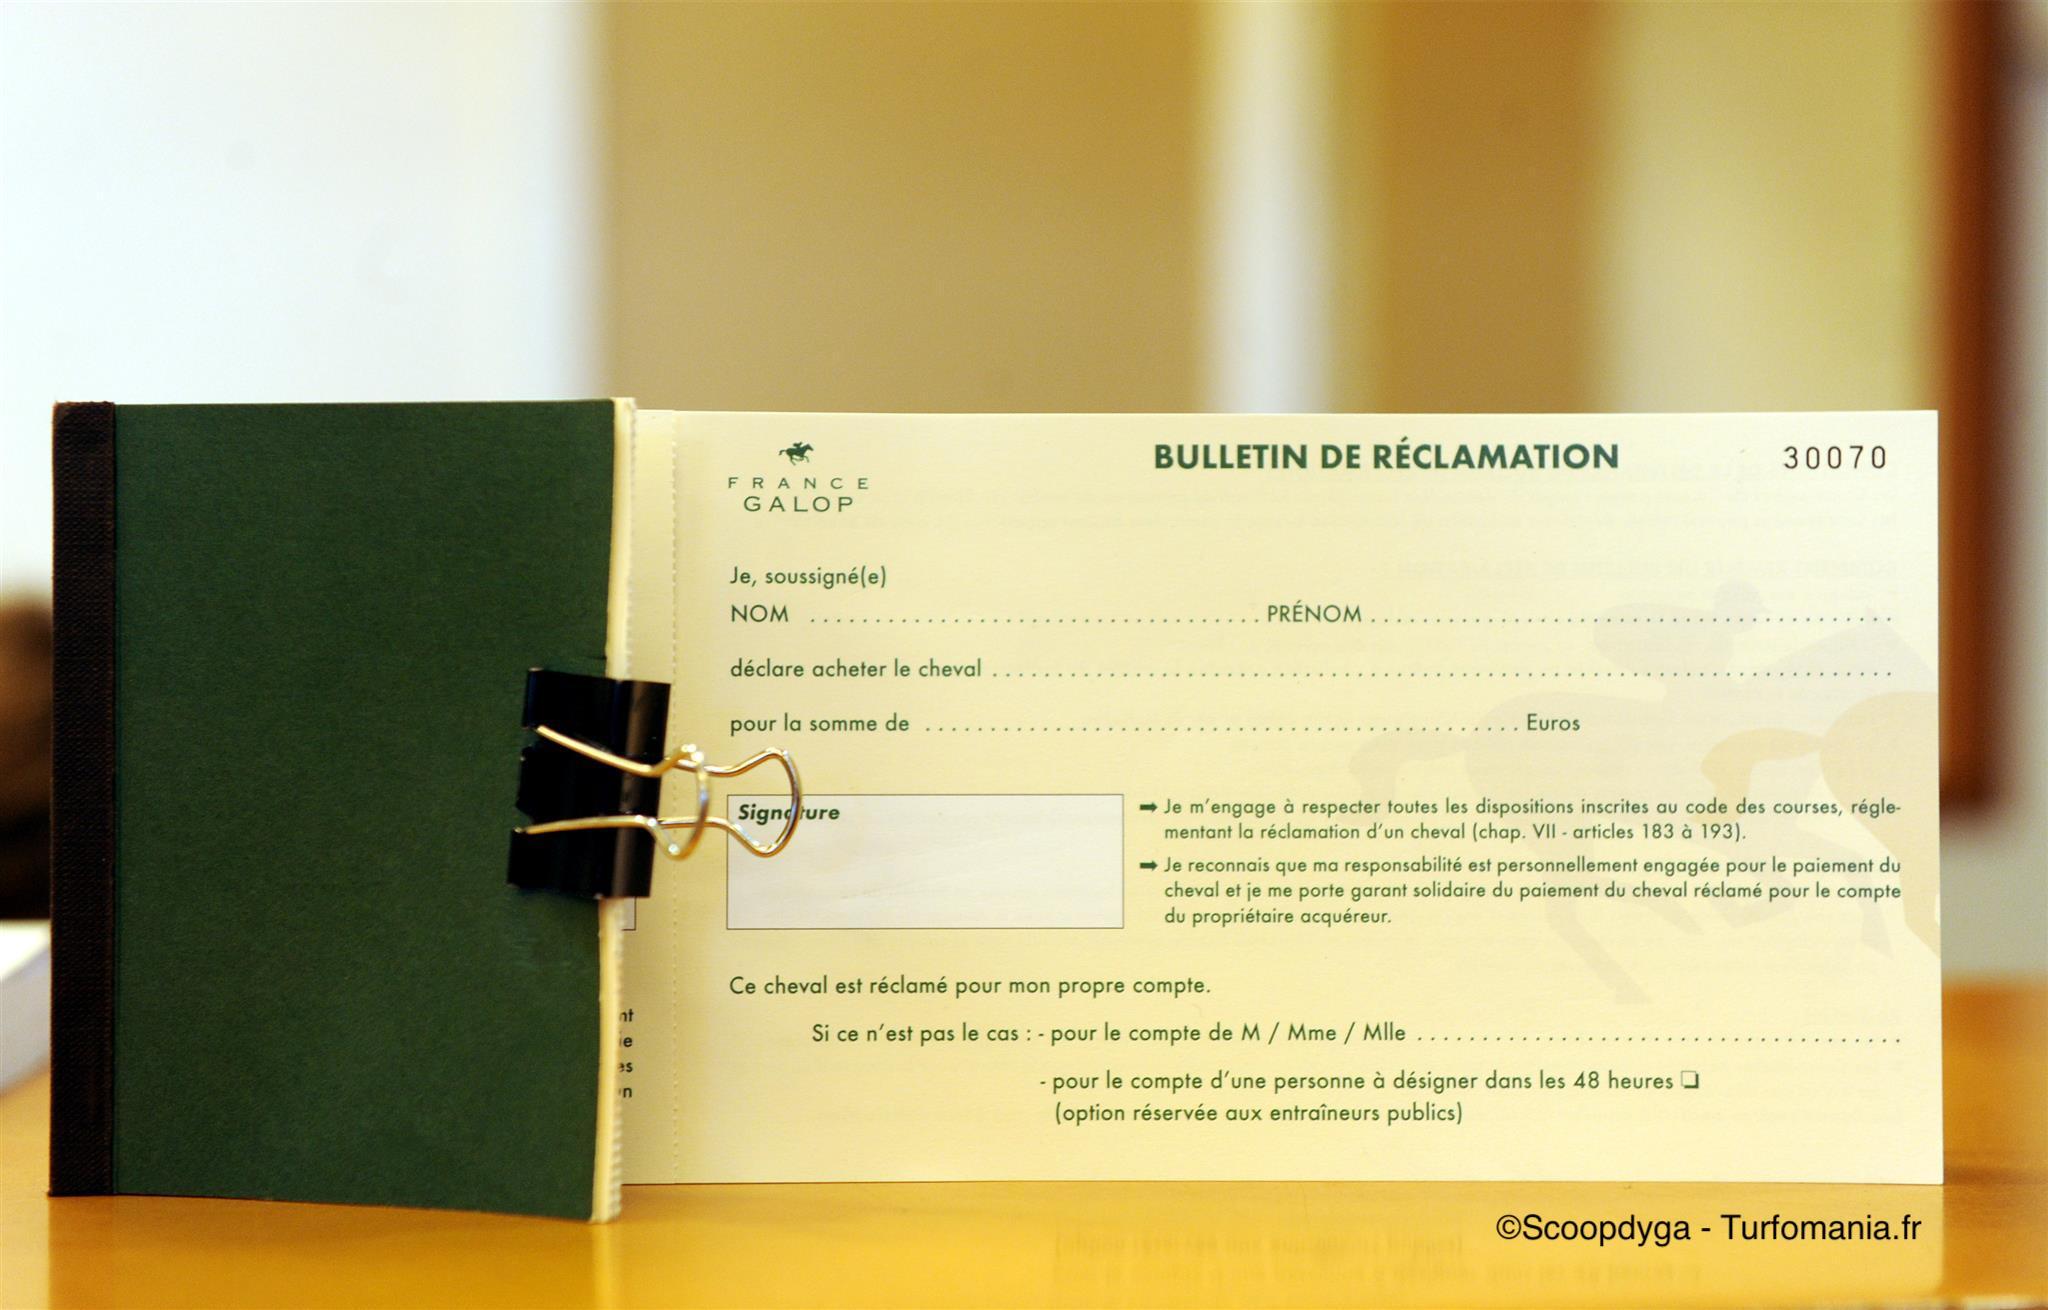 bulletin-course-a-reclamer